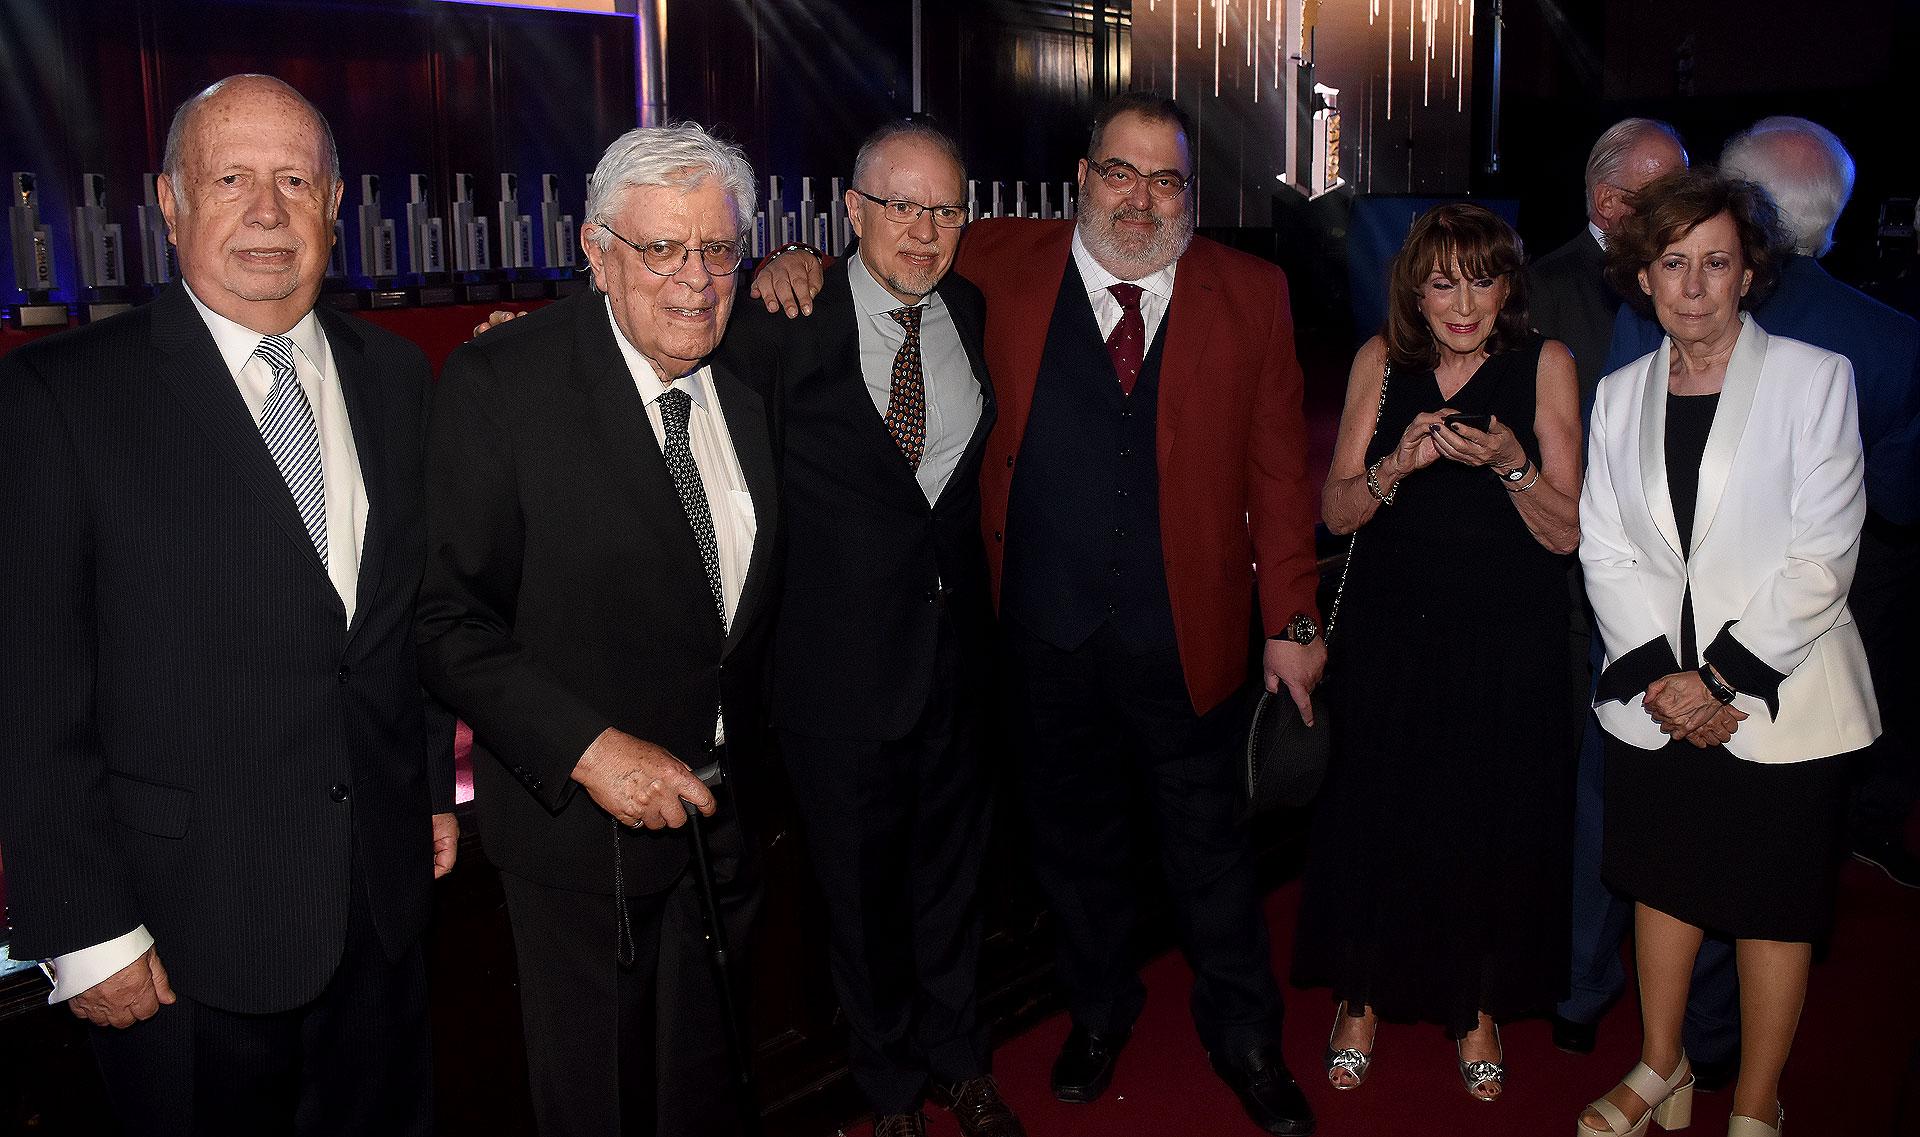 Jorge de Luján Gutiérrez, Hermenegildo Sábat, Jorge Fernández Díaz, Jorge Lanata, Magdalena Ruiz Guiñazú y Clara Mariño